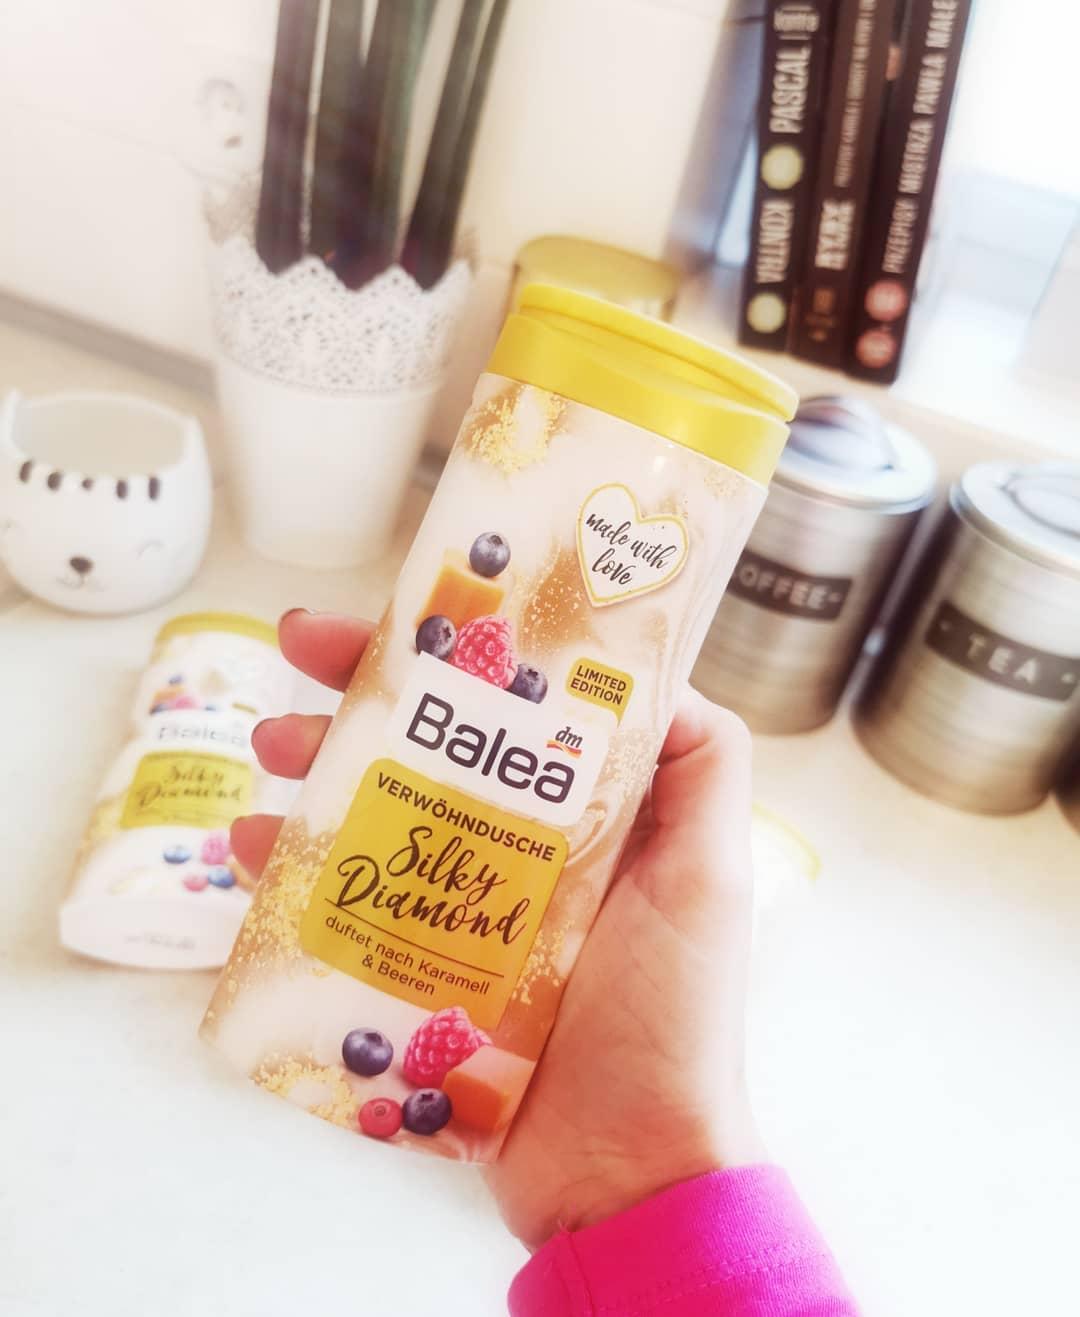 Sữa tắm Balea mềm mượt da hương Caramel + mâm xôi